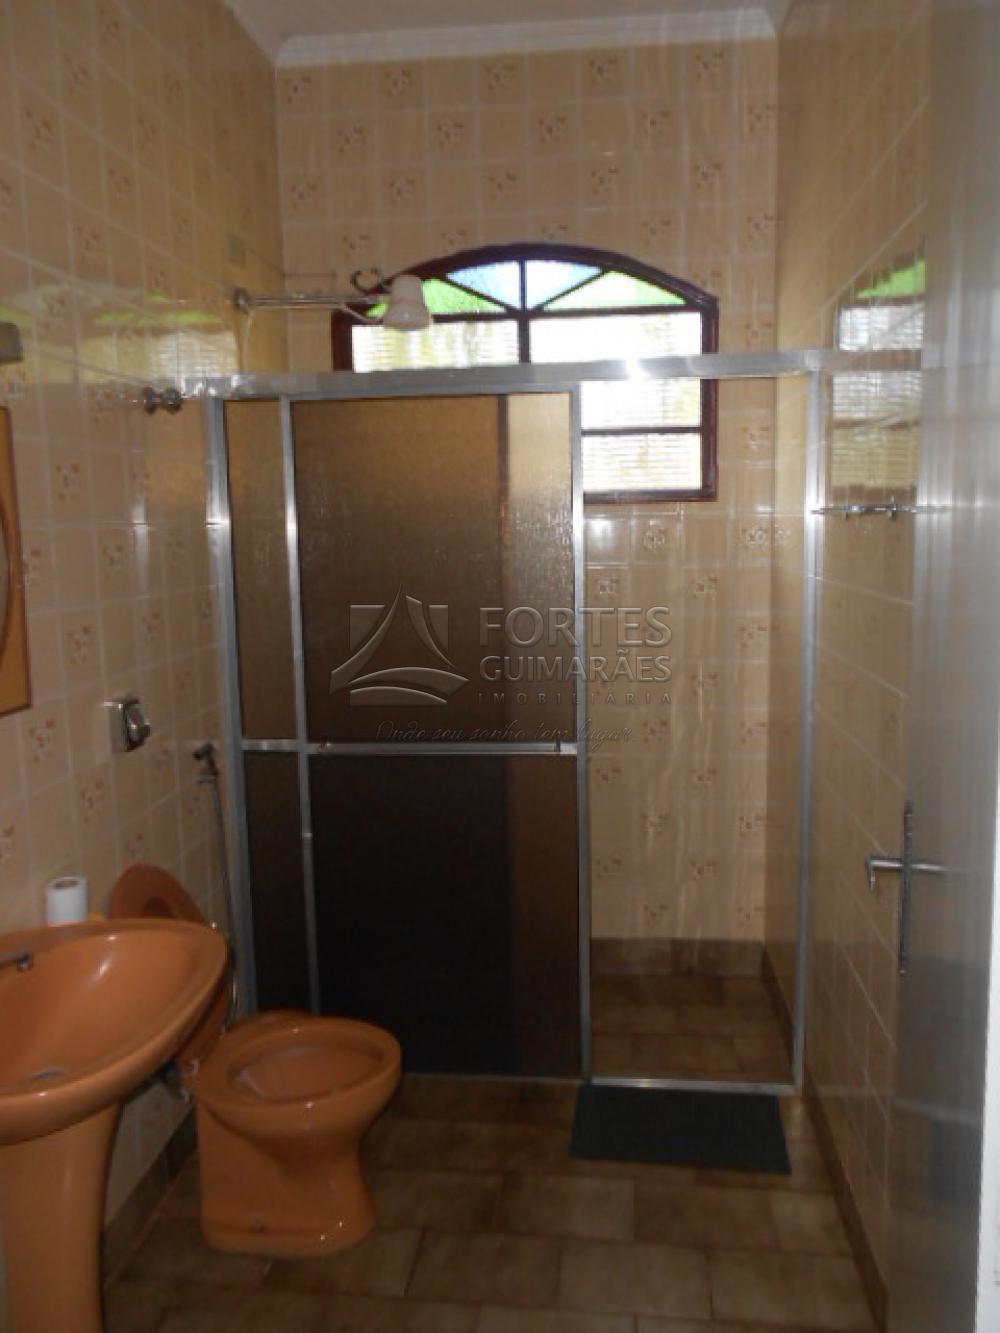 Alugar Casas / Condomínio em Jardinópolis apenas R$ 2.500,00 - Foto 24